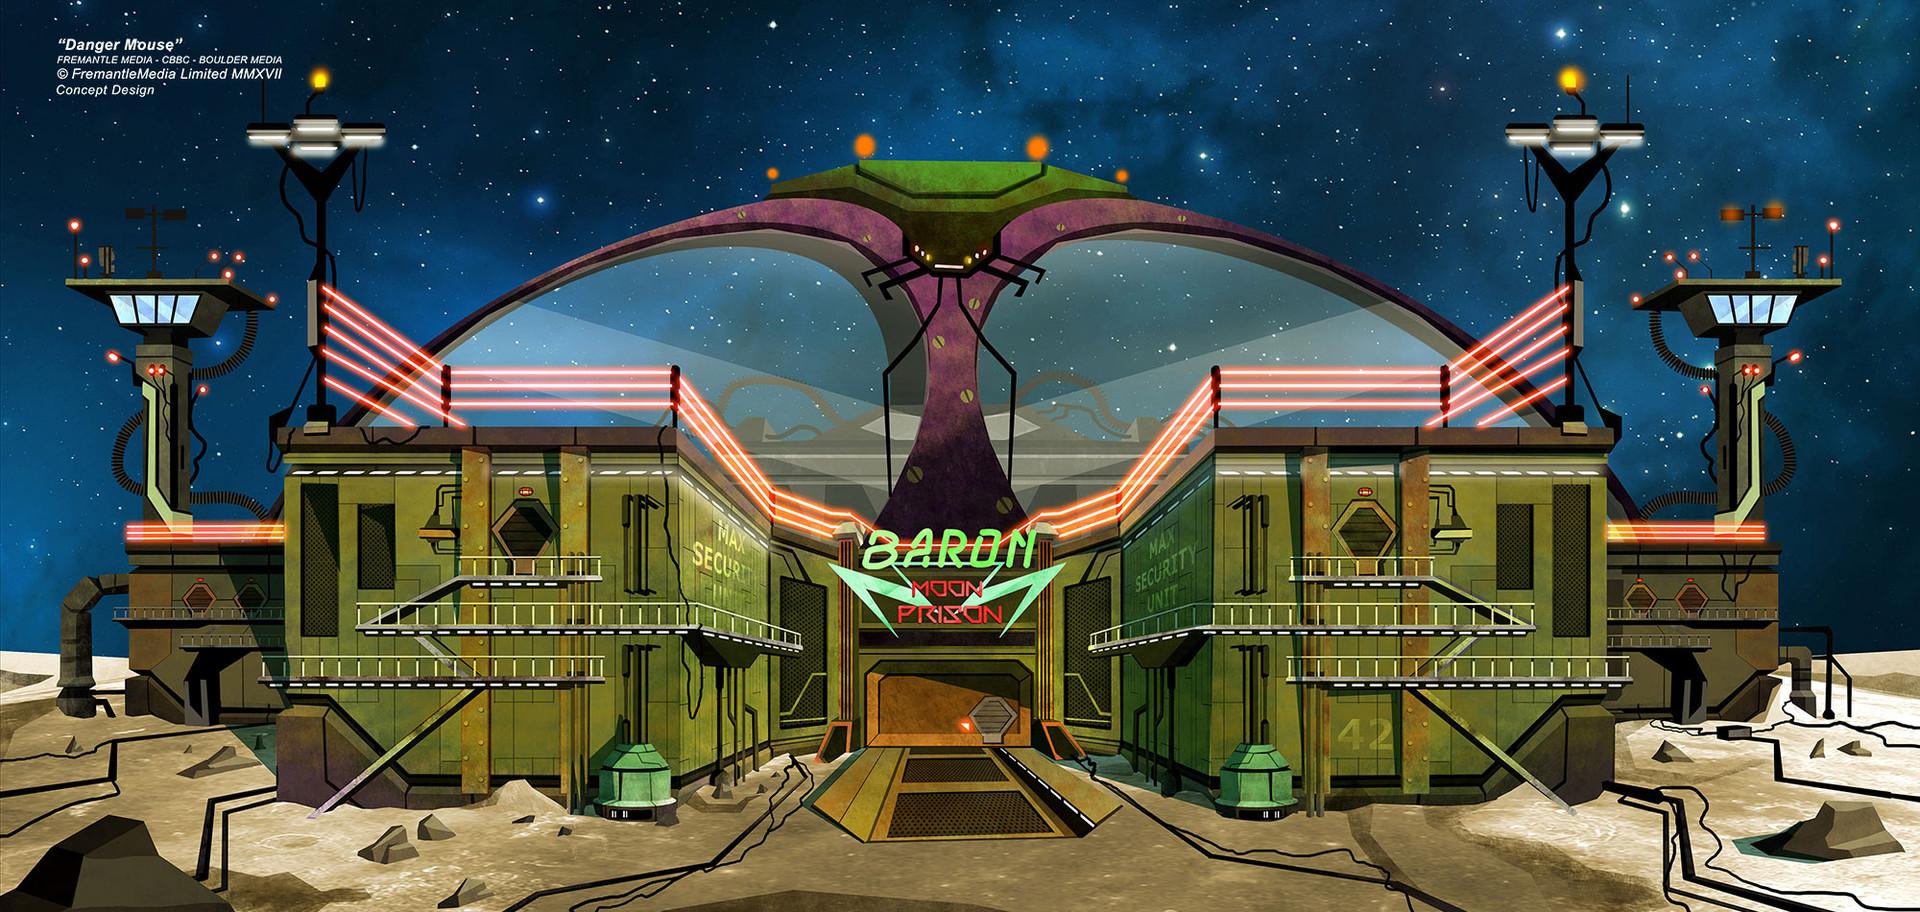 Danger Mouse - Concept Design - Baron Moon HQ